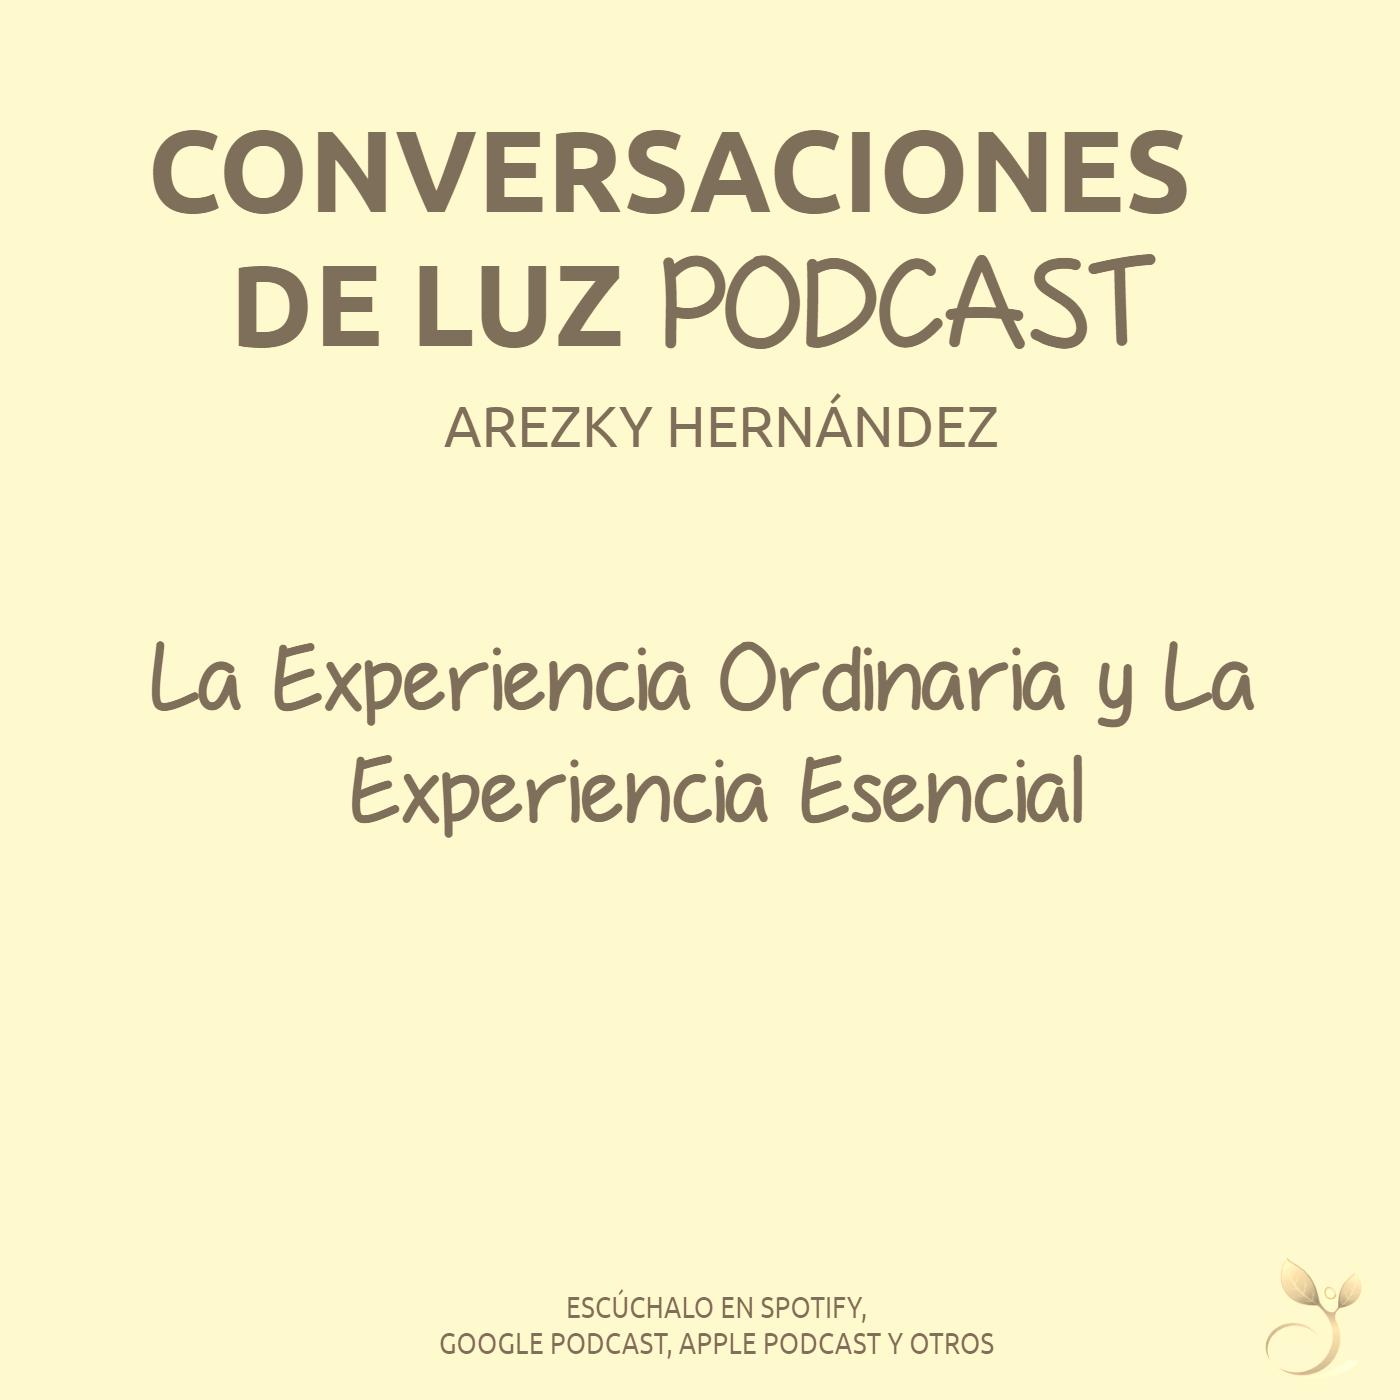 (CDLP05) La Experiencia Ordinaria y La Experiencia Esencial